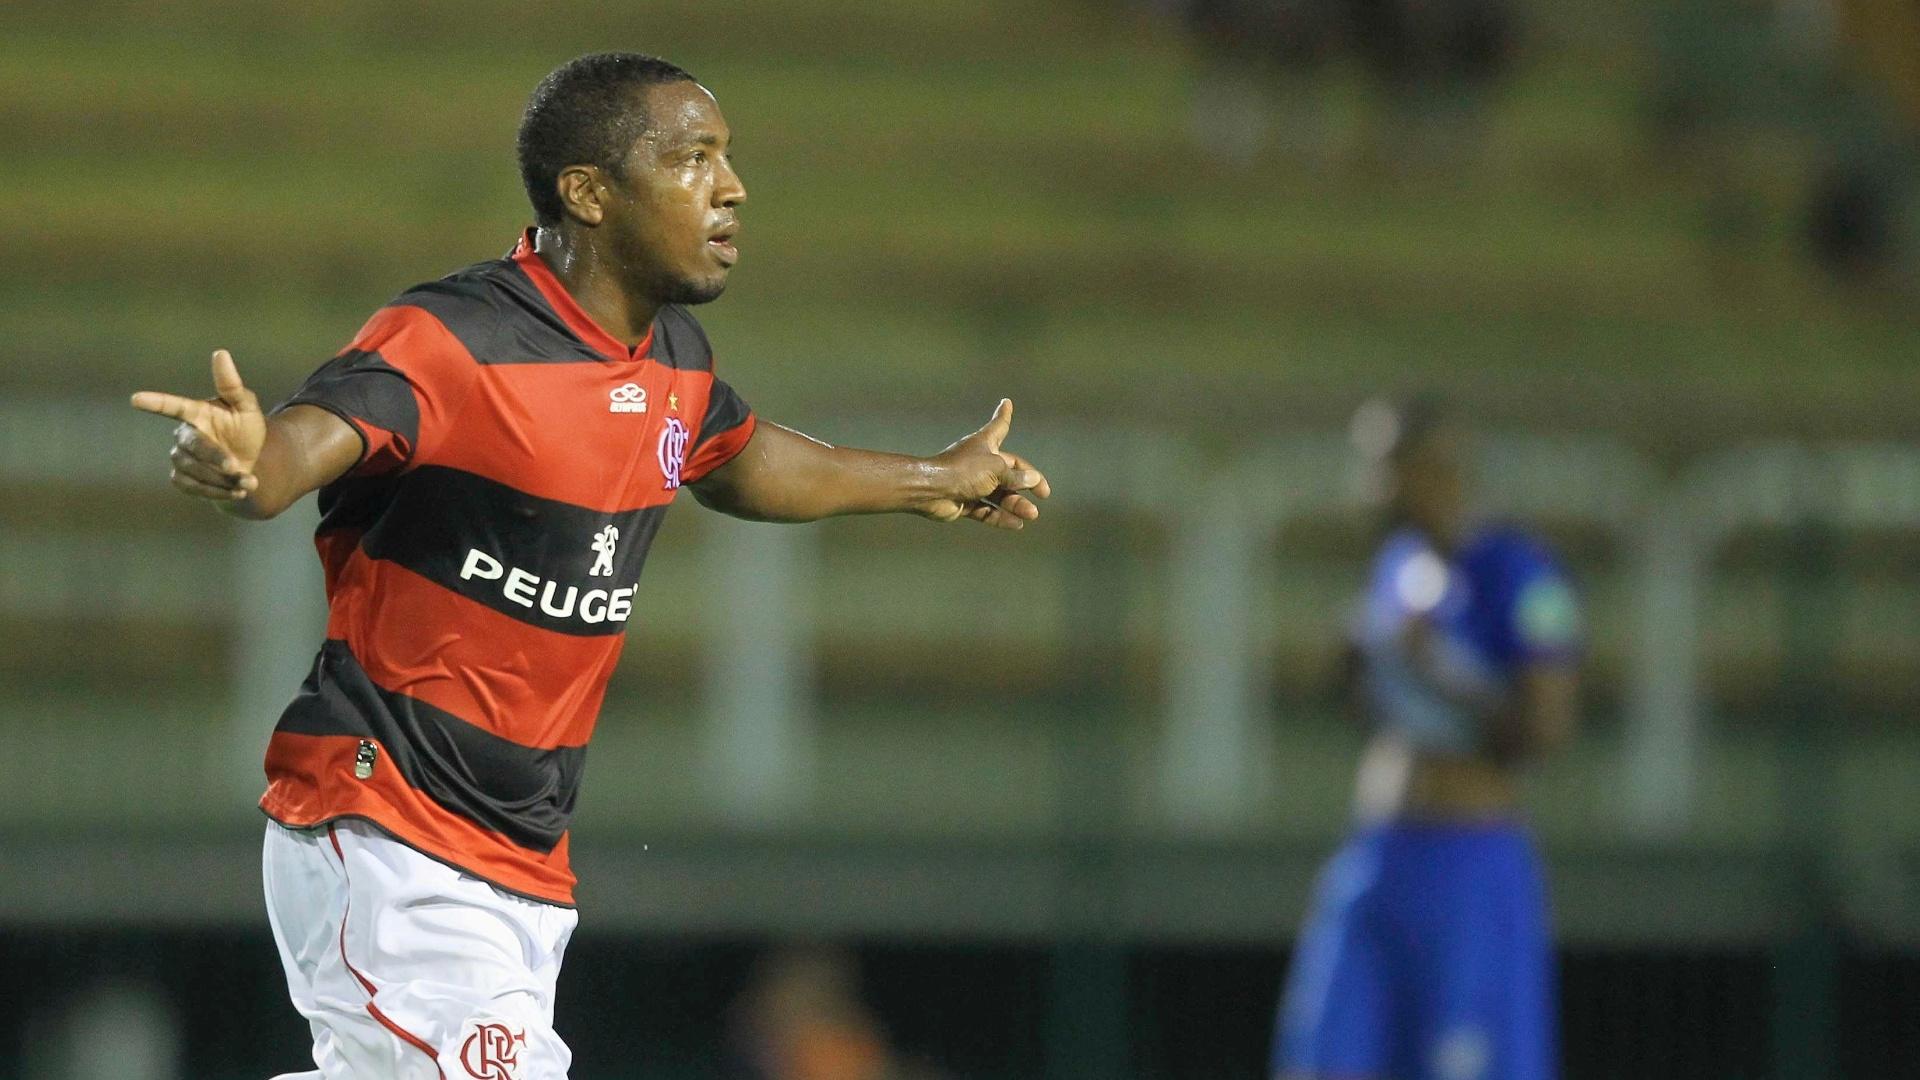 Renato Abreu marcou os dois gols do Flamengo na vitória sobre o Olaria por 2 a 0